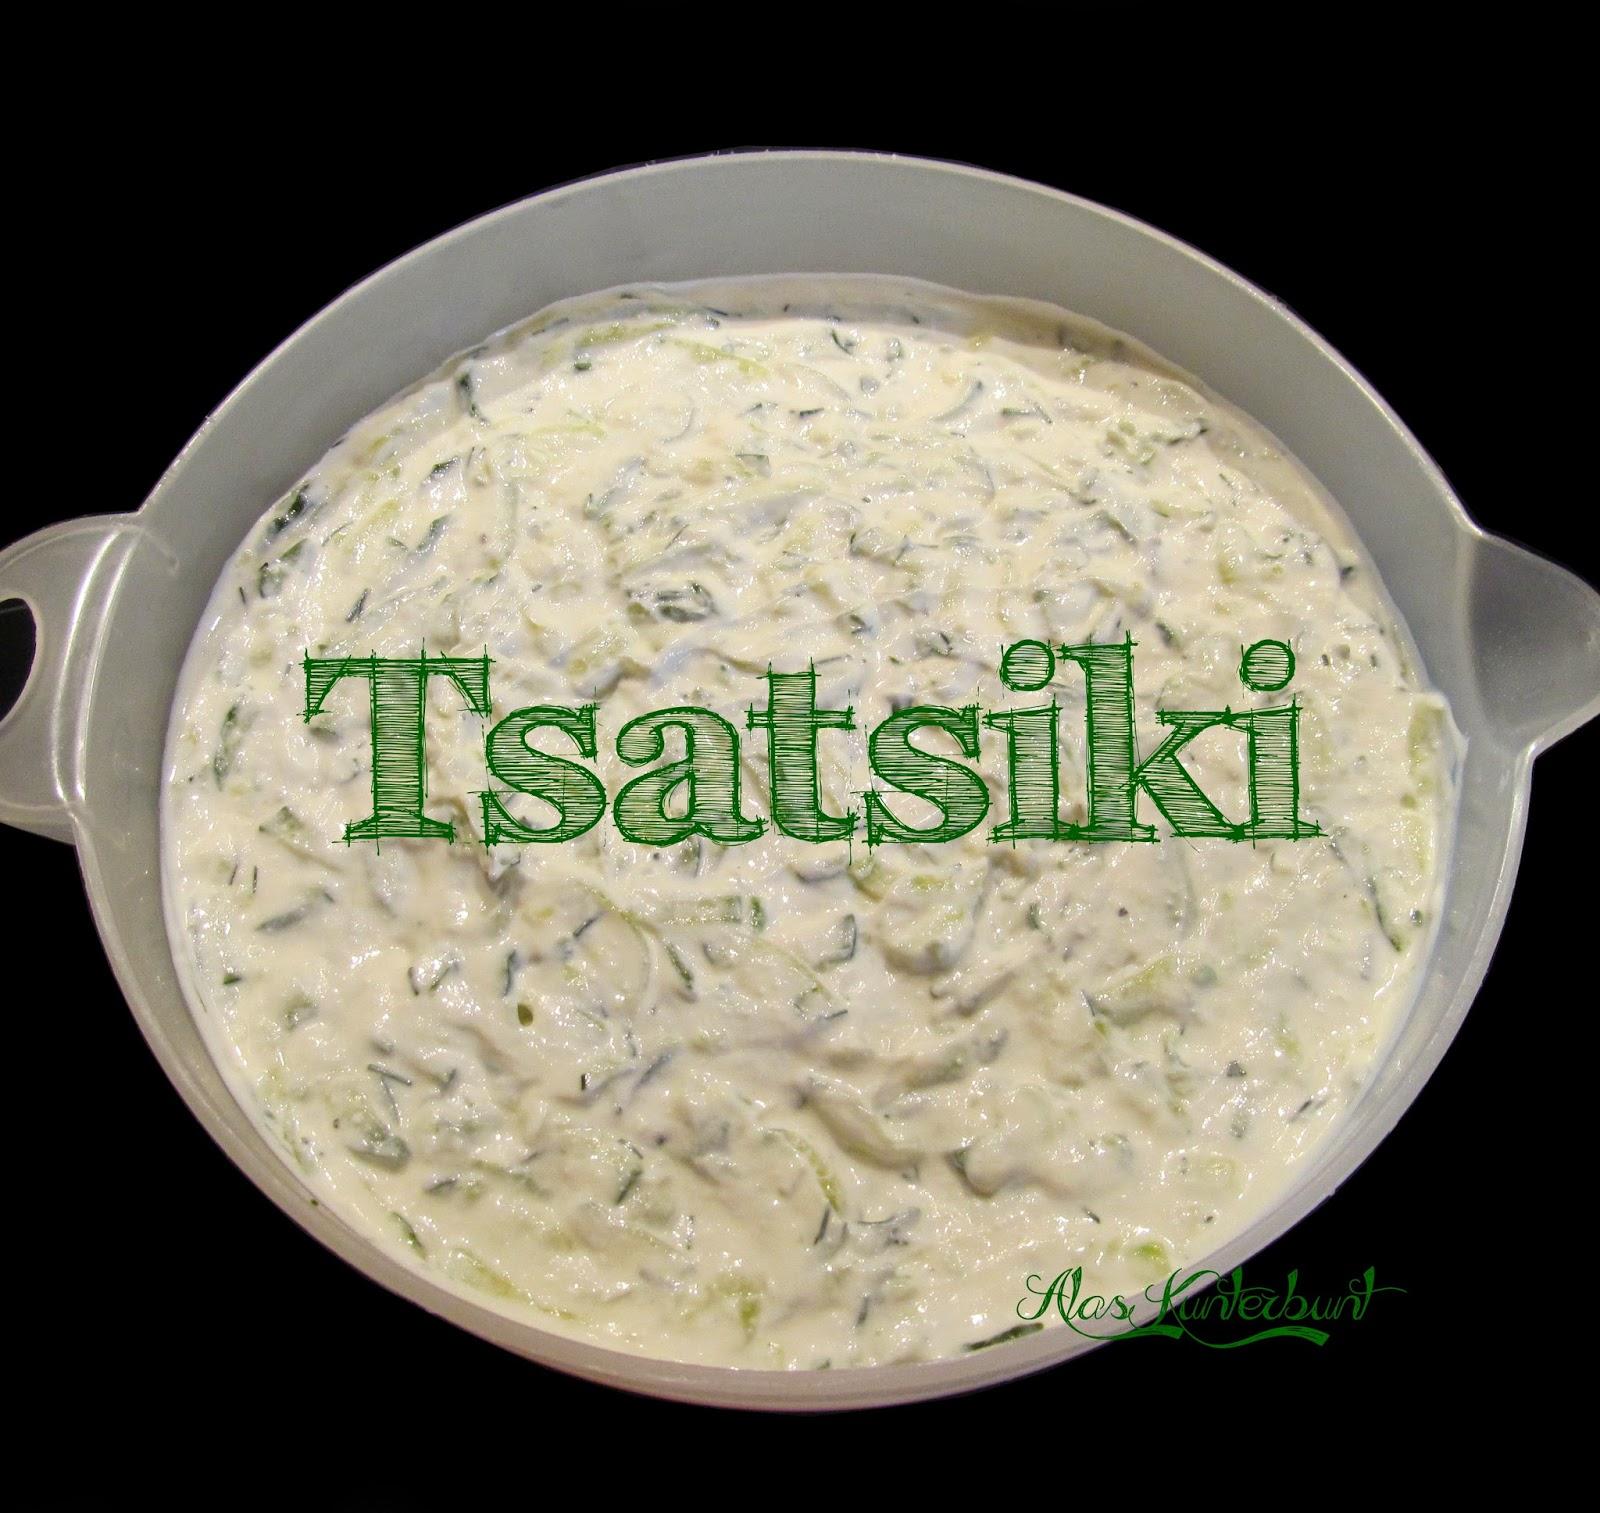 Tsatsiki nach Geheimrezept | Ala's Kunterbunt